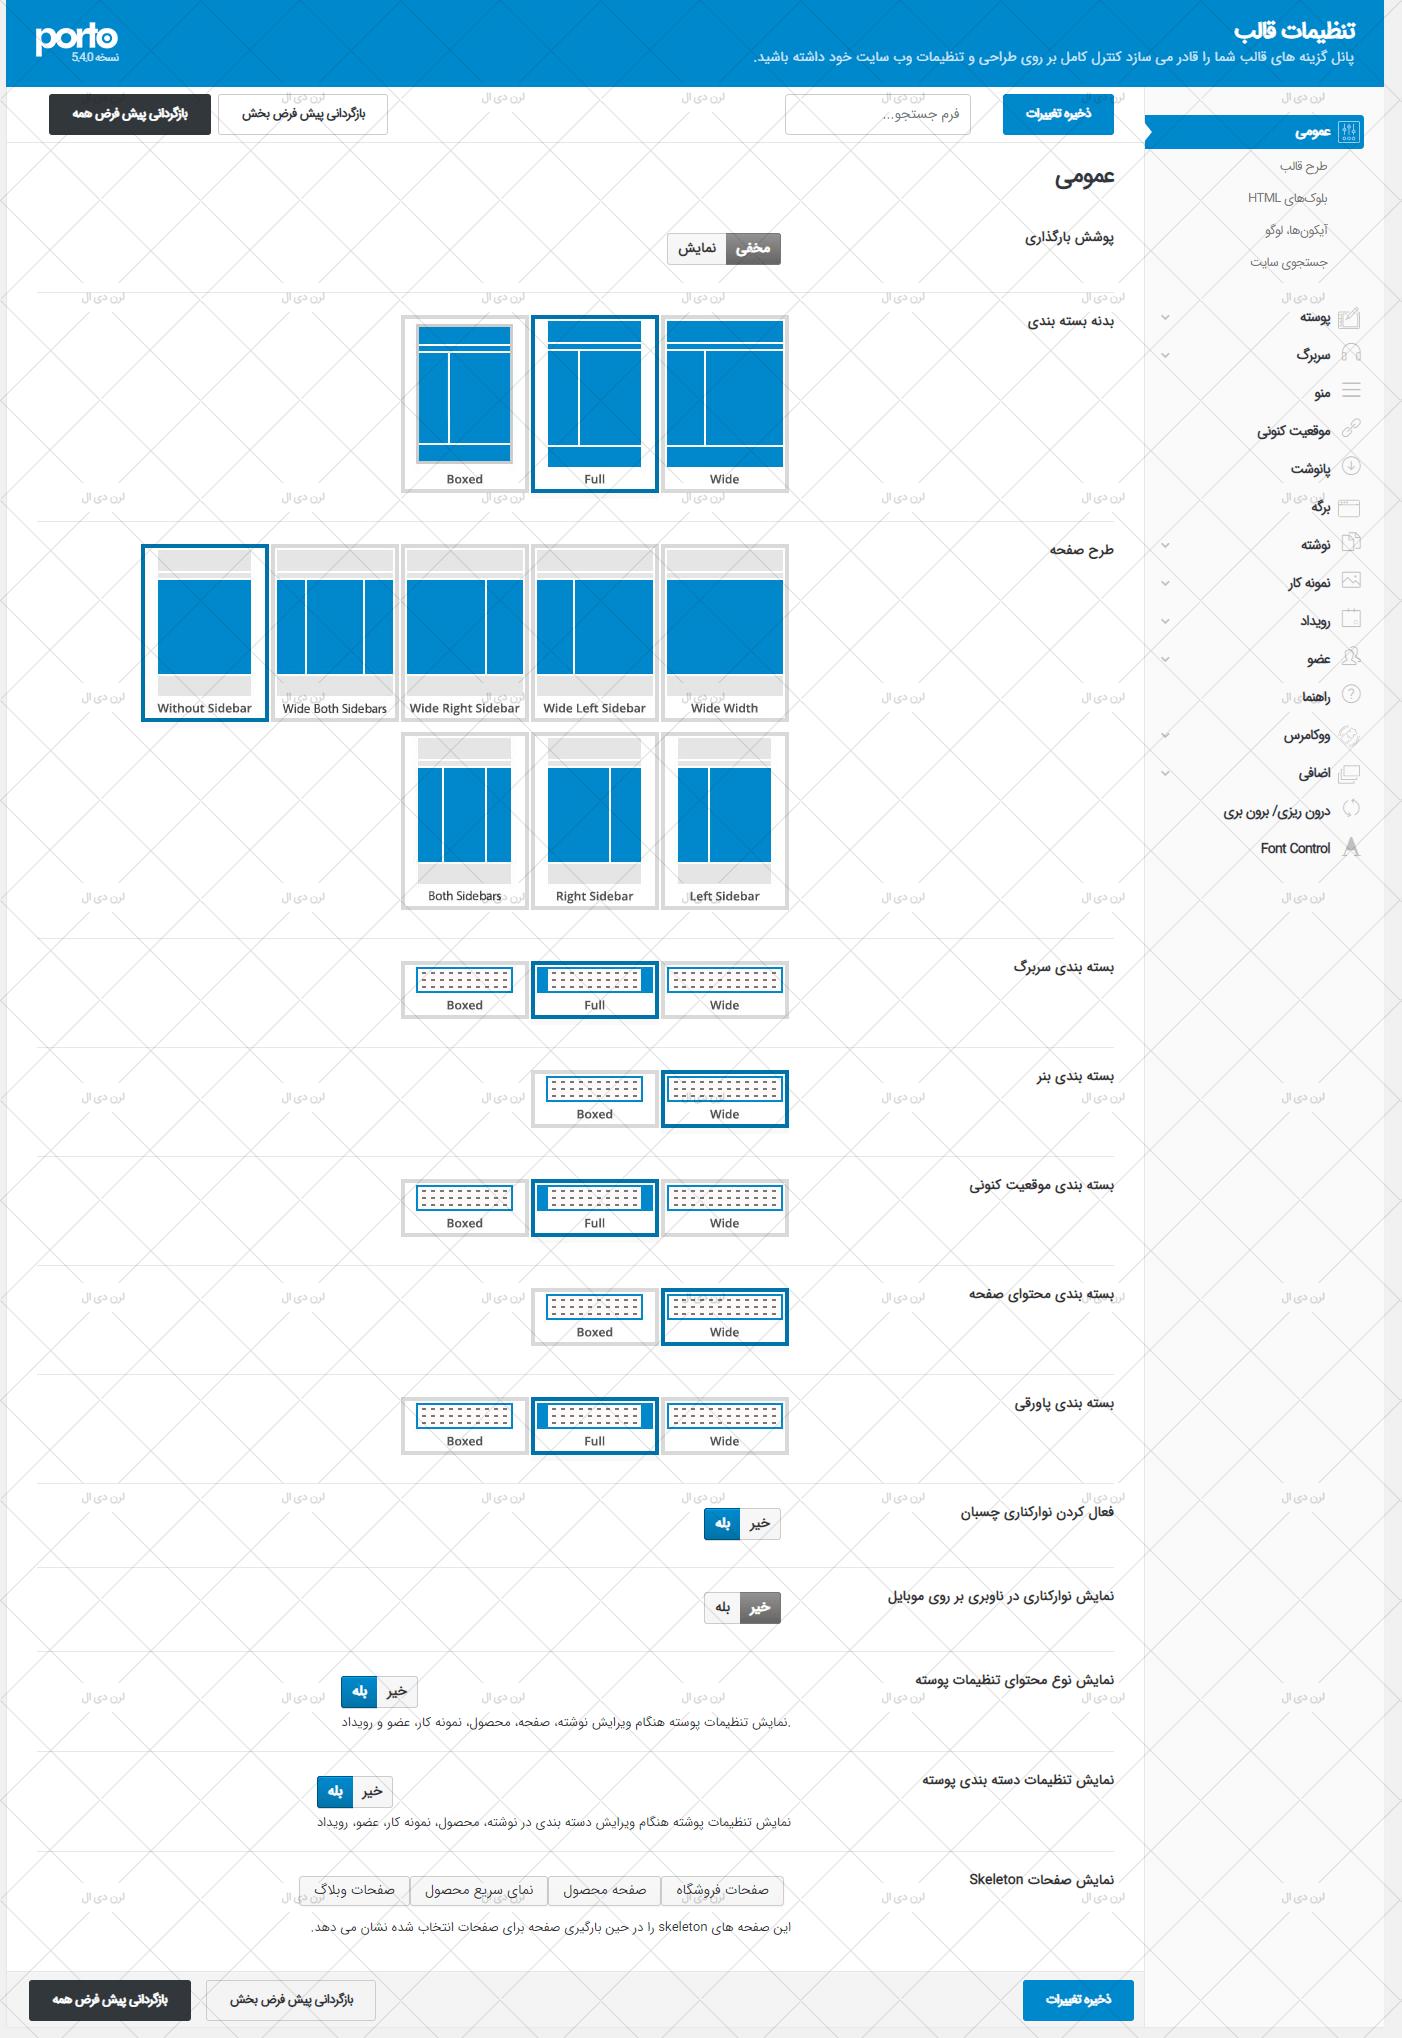 بخش تنظیمات فارسی شده قالب پورتو توسط لرن دی ال